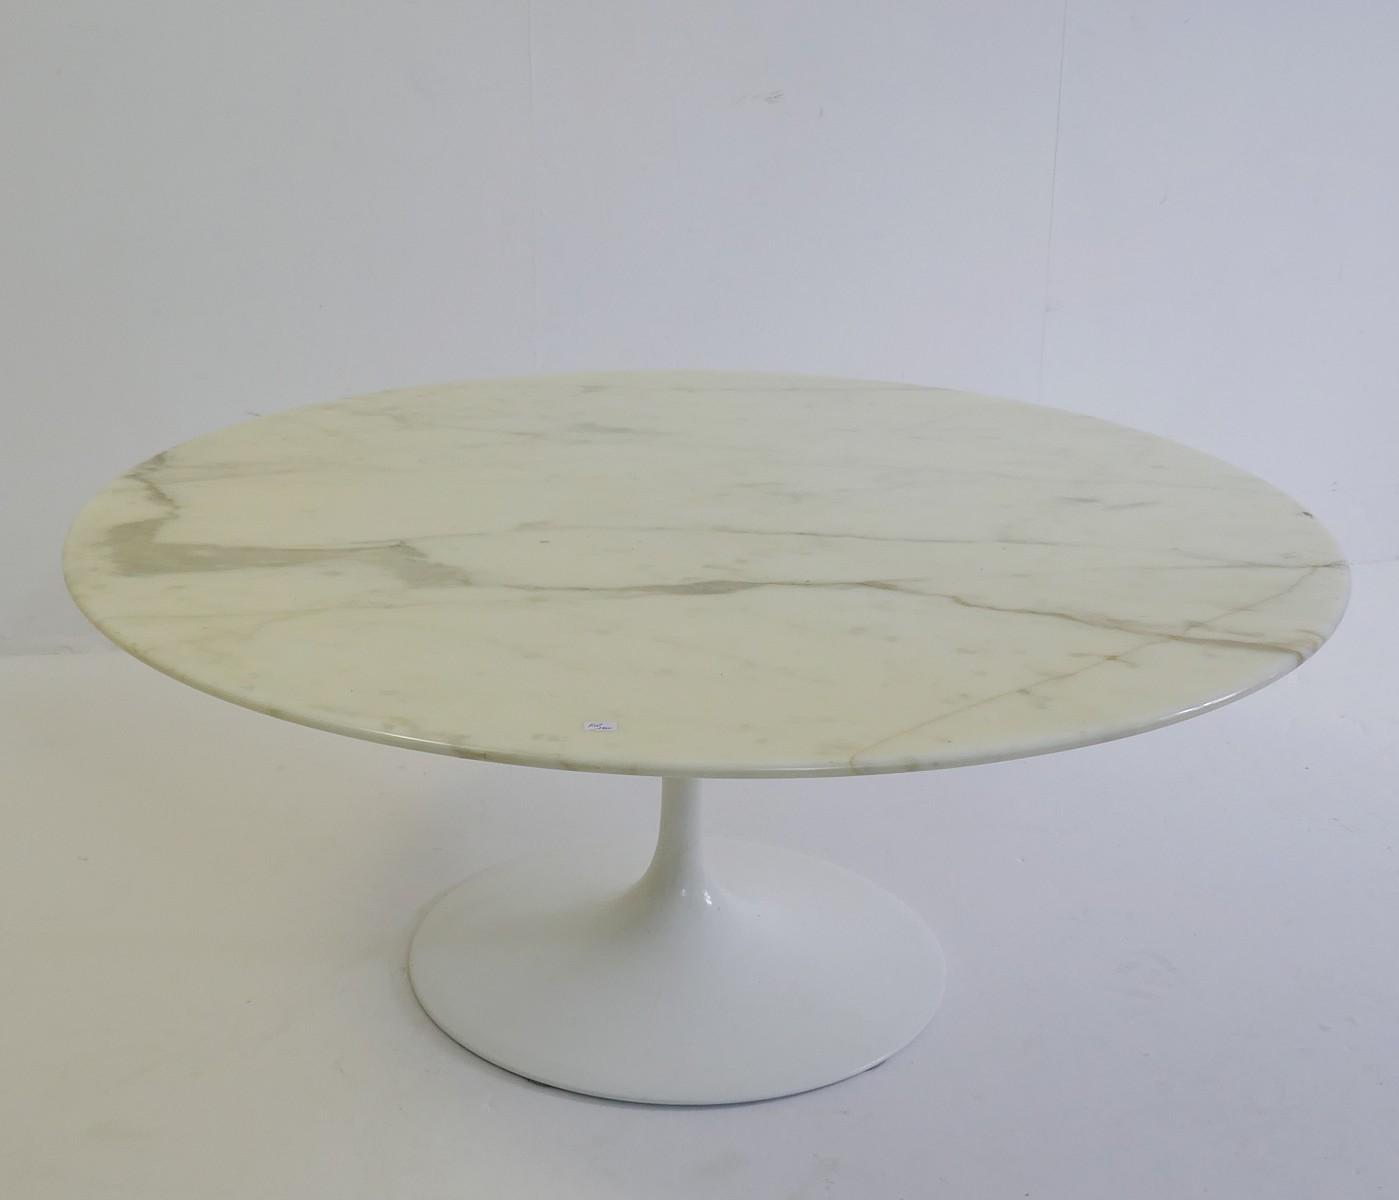 Knoll Saarinen Round Coffee Table